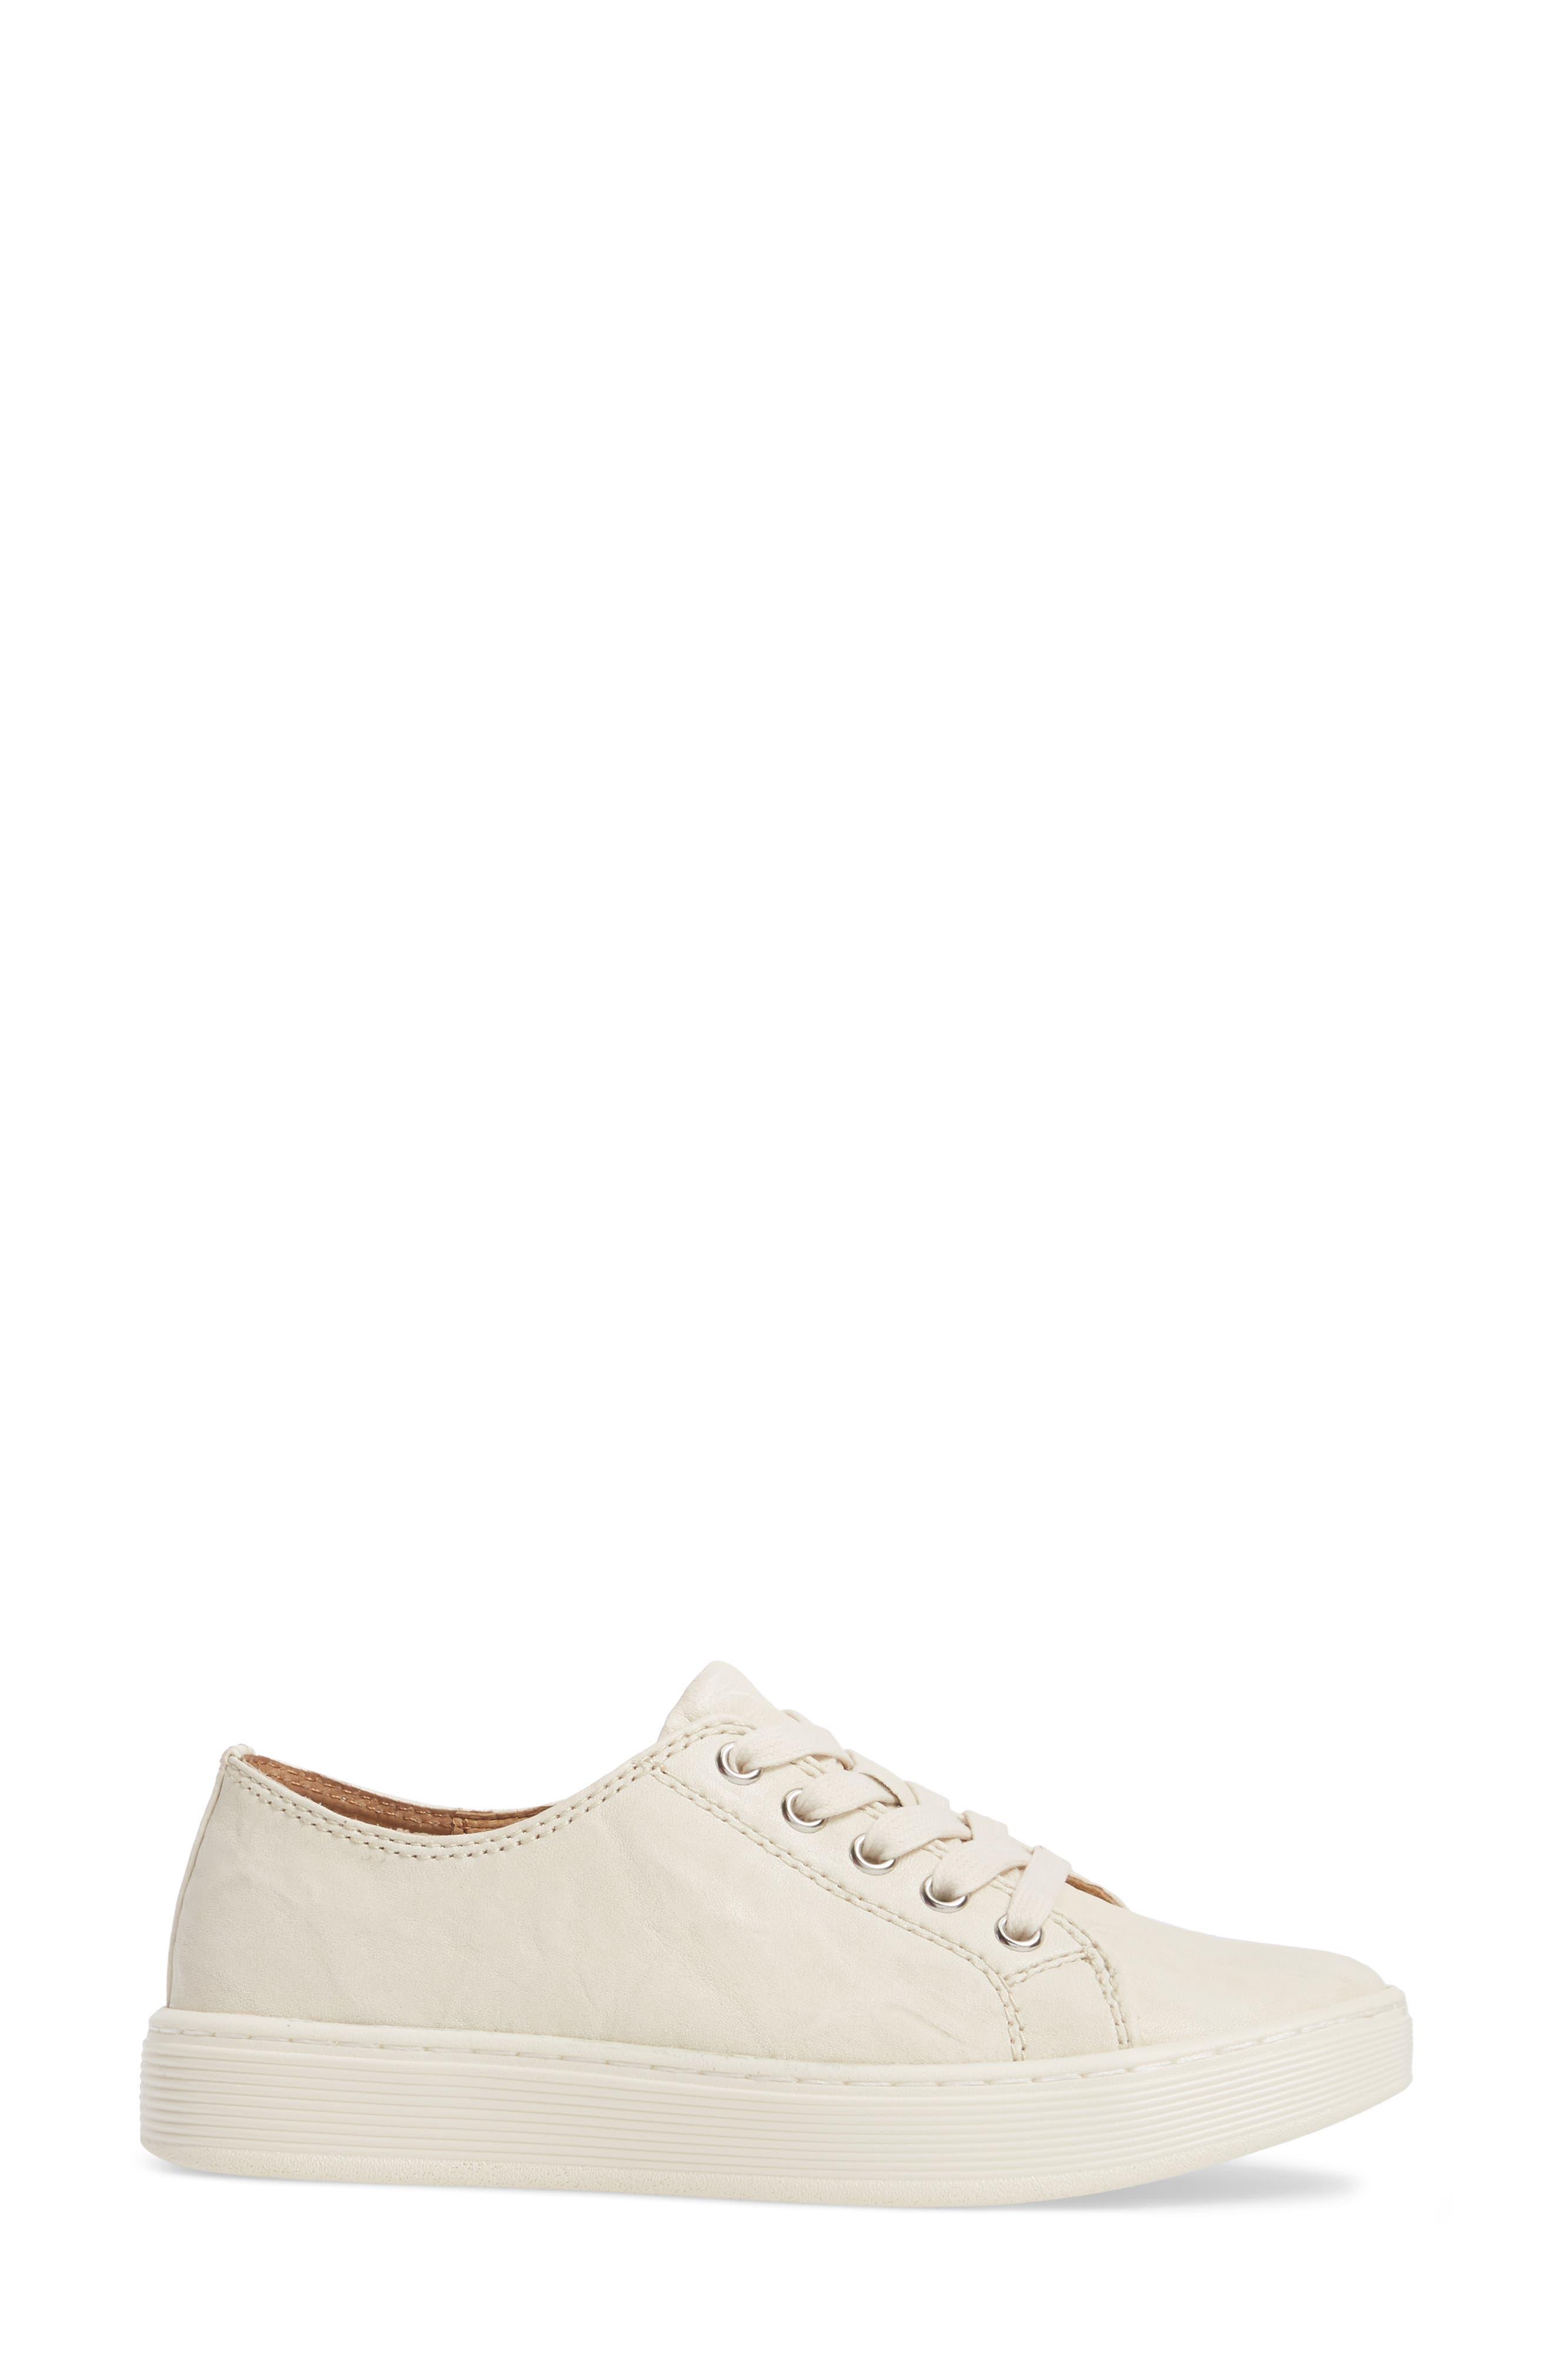 Baltazar Sneaker,                             Alternate thumbnail 3, color,                             Latte Leather